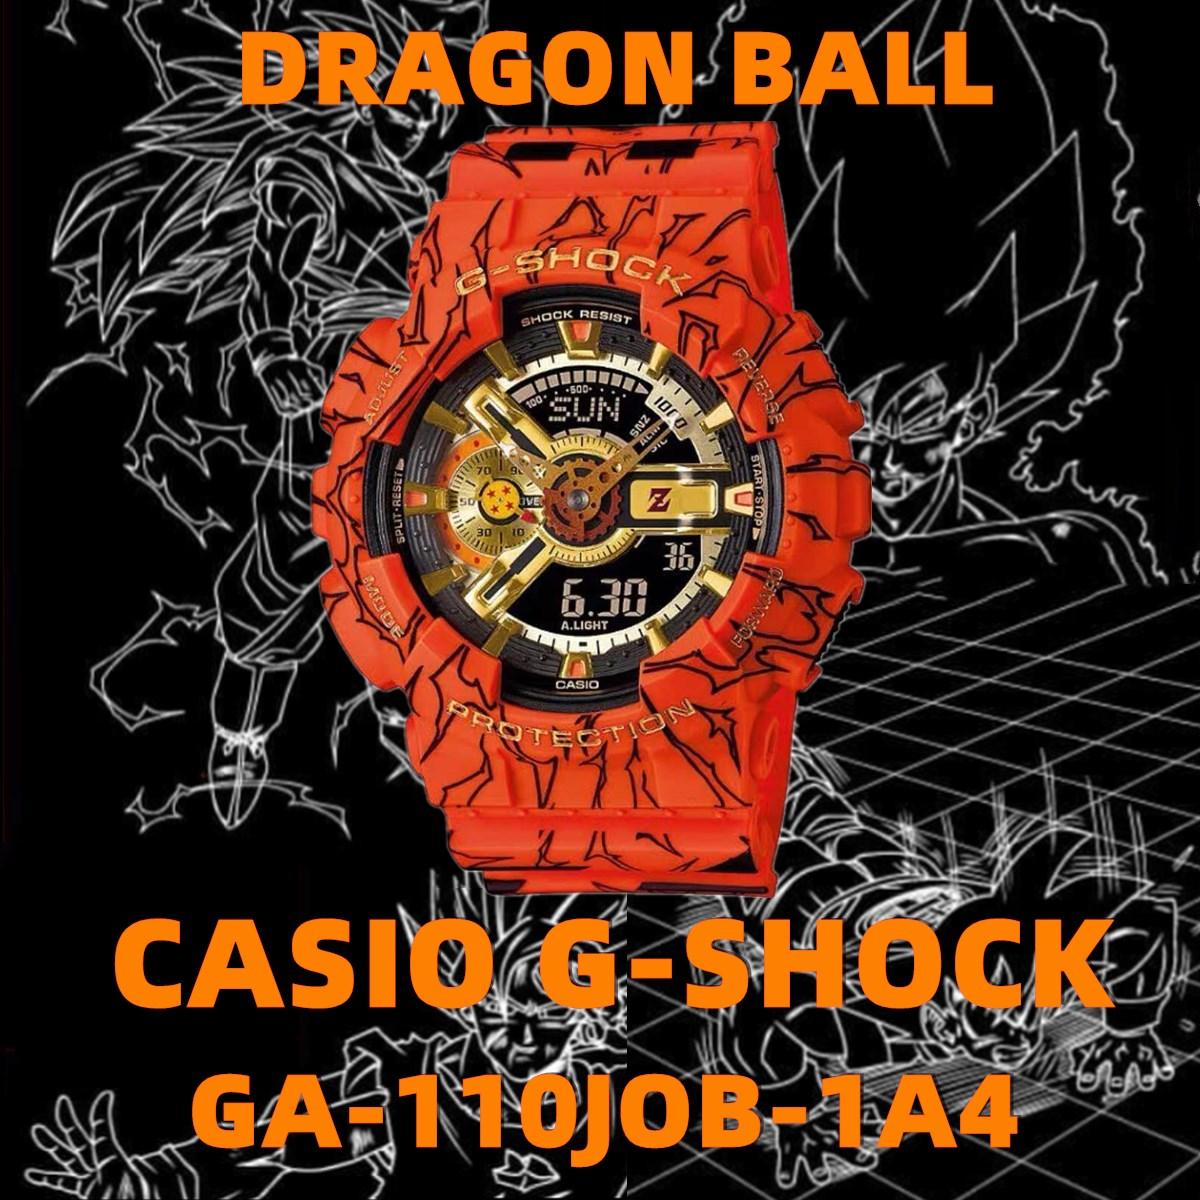 CASIO G-SHOCK นาฬิกาข้อมือแฟชั่นในรูแบบ Dragon Ball รุ่น GA-110JOB-1A4 สุดฮอตในปี2020 หน้าปัด40mm พร้อมกล่อง